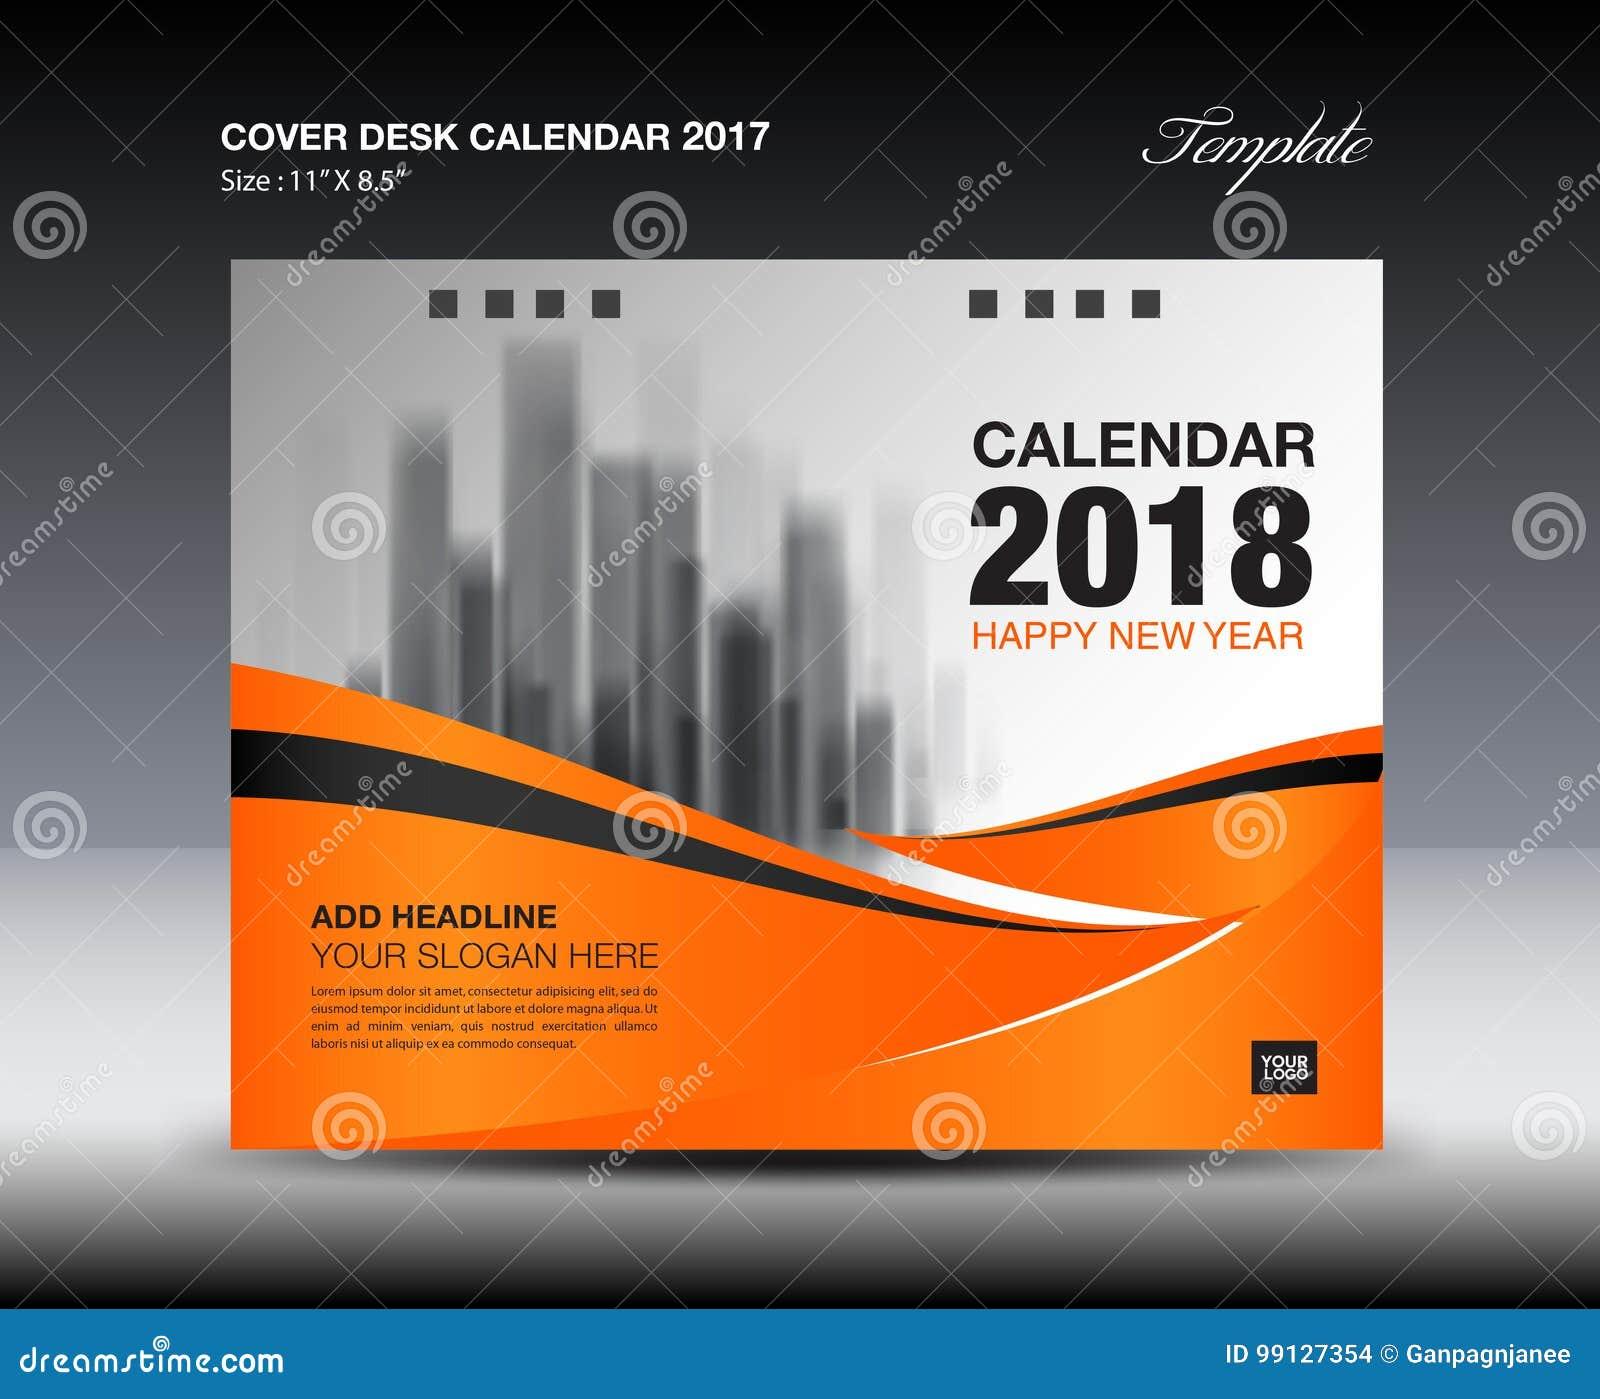 Diseño anaranjado del calendario de escritorio de la cubierta 2018, plantilla del aviador, anuncios